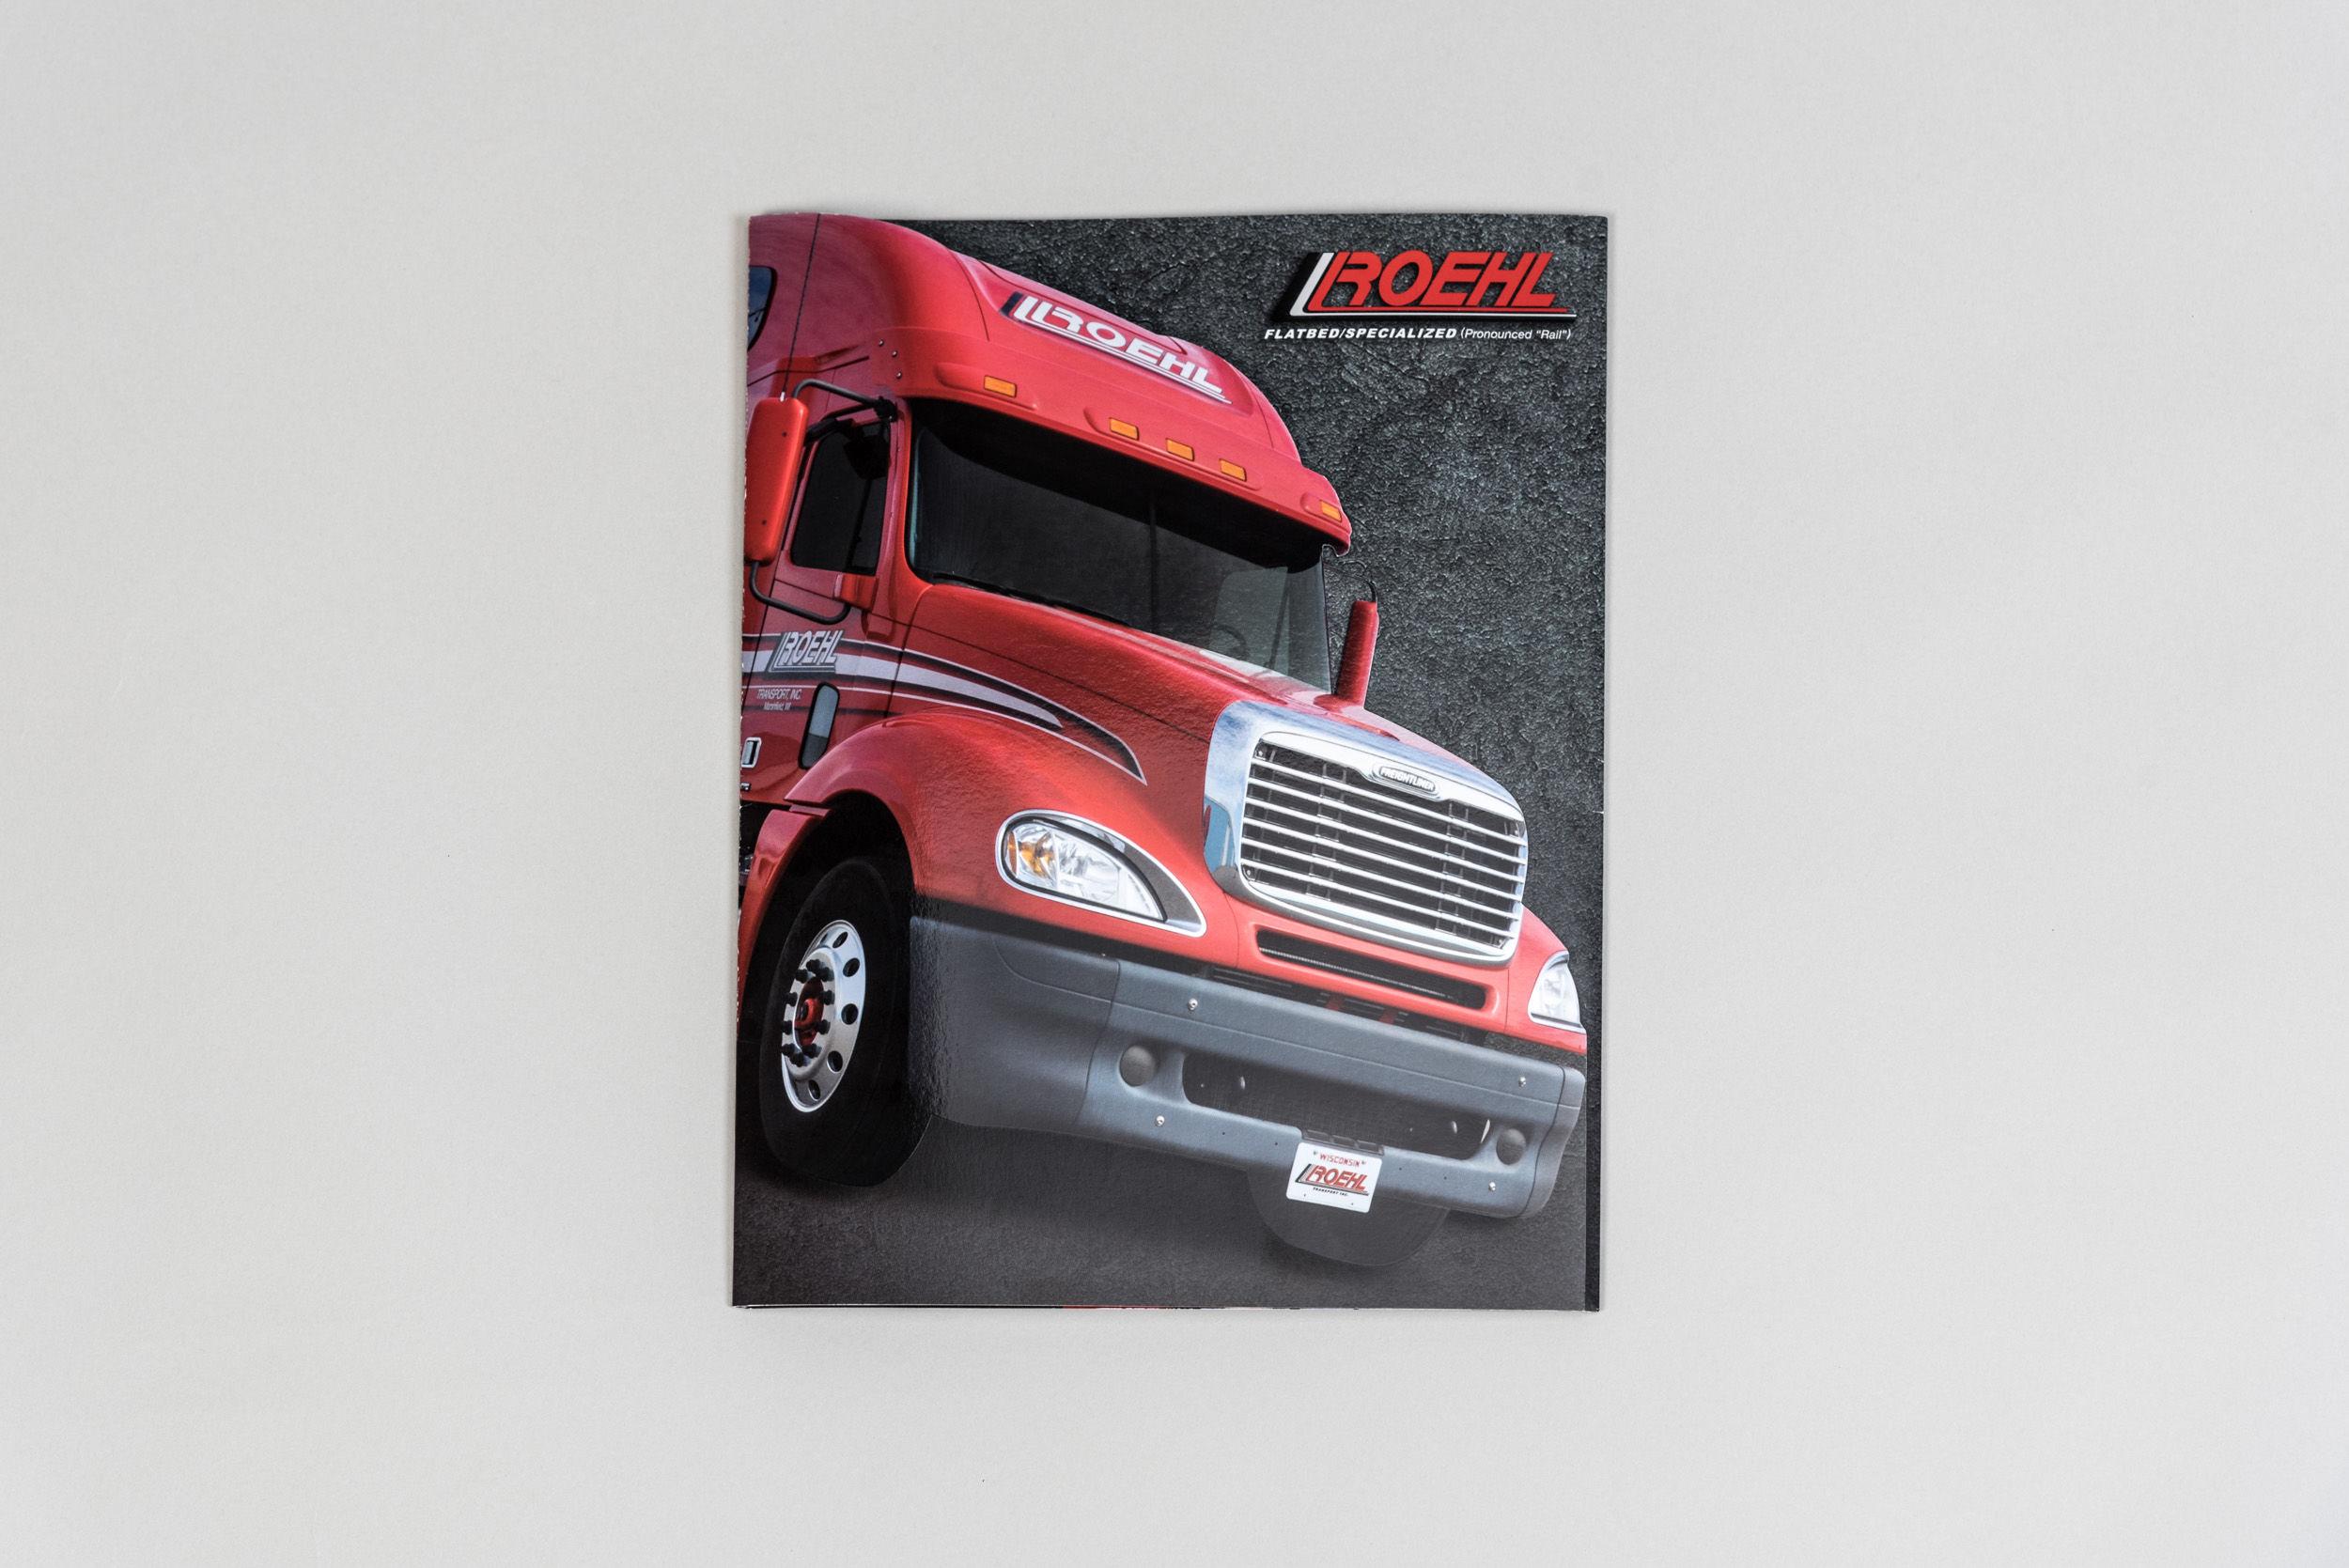 Roehl Brochure Cover